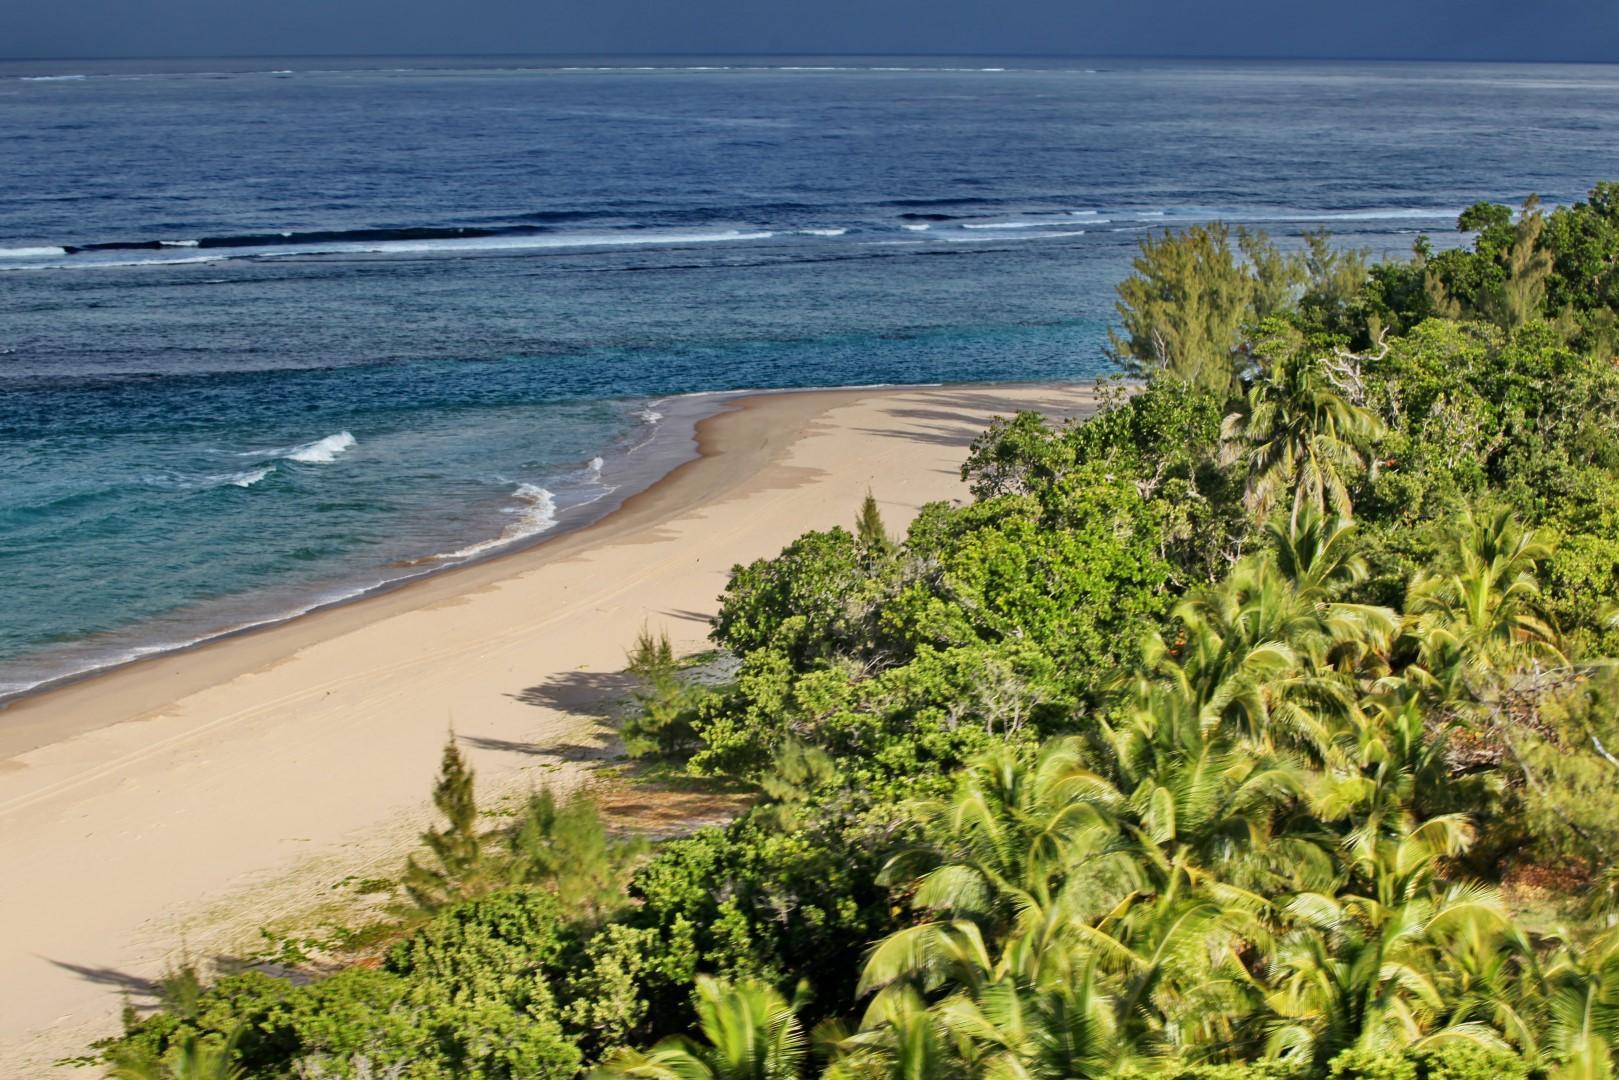 Donnavventura nell Oceano Indiano: Tsarabanjina